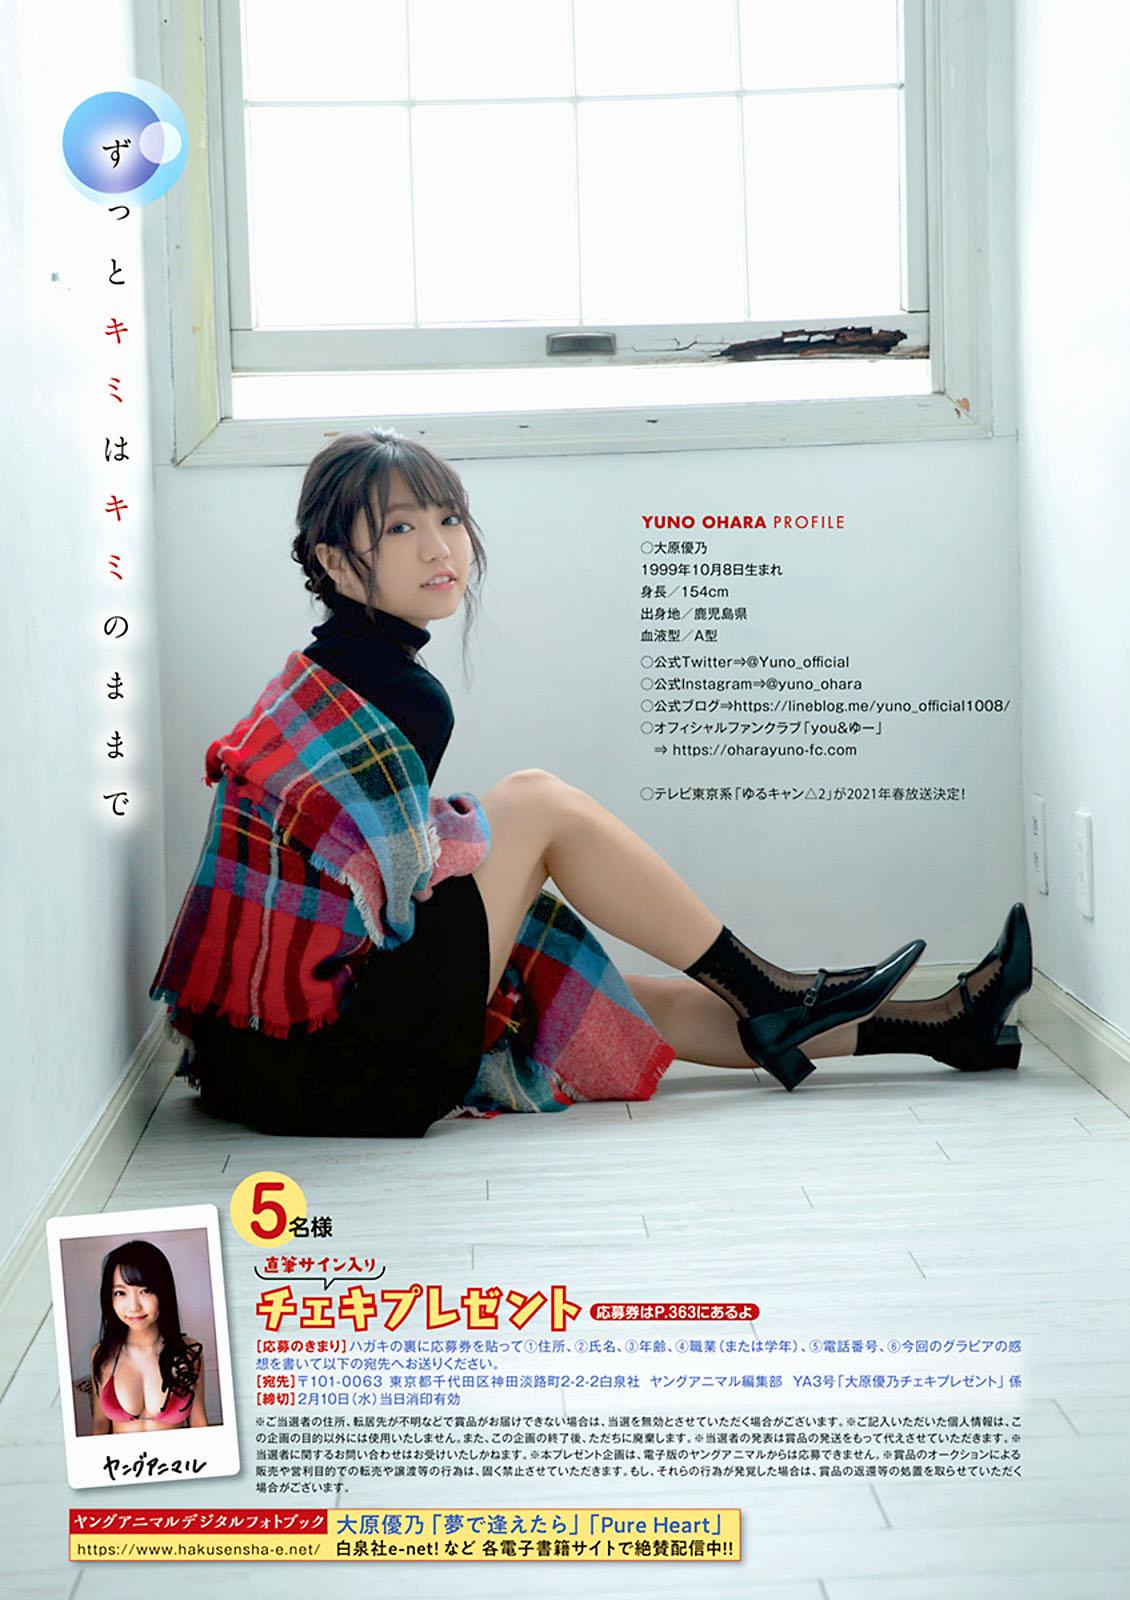 YOhara Young Animal 210212 11.jpg